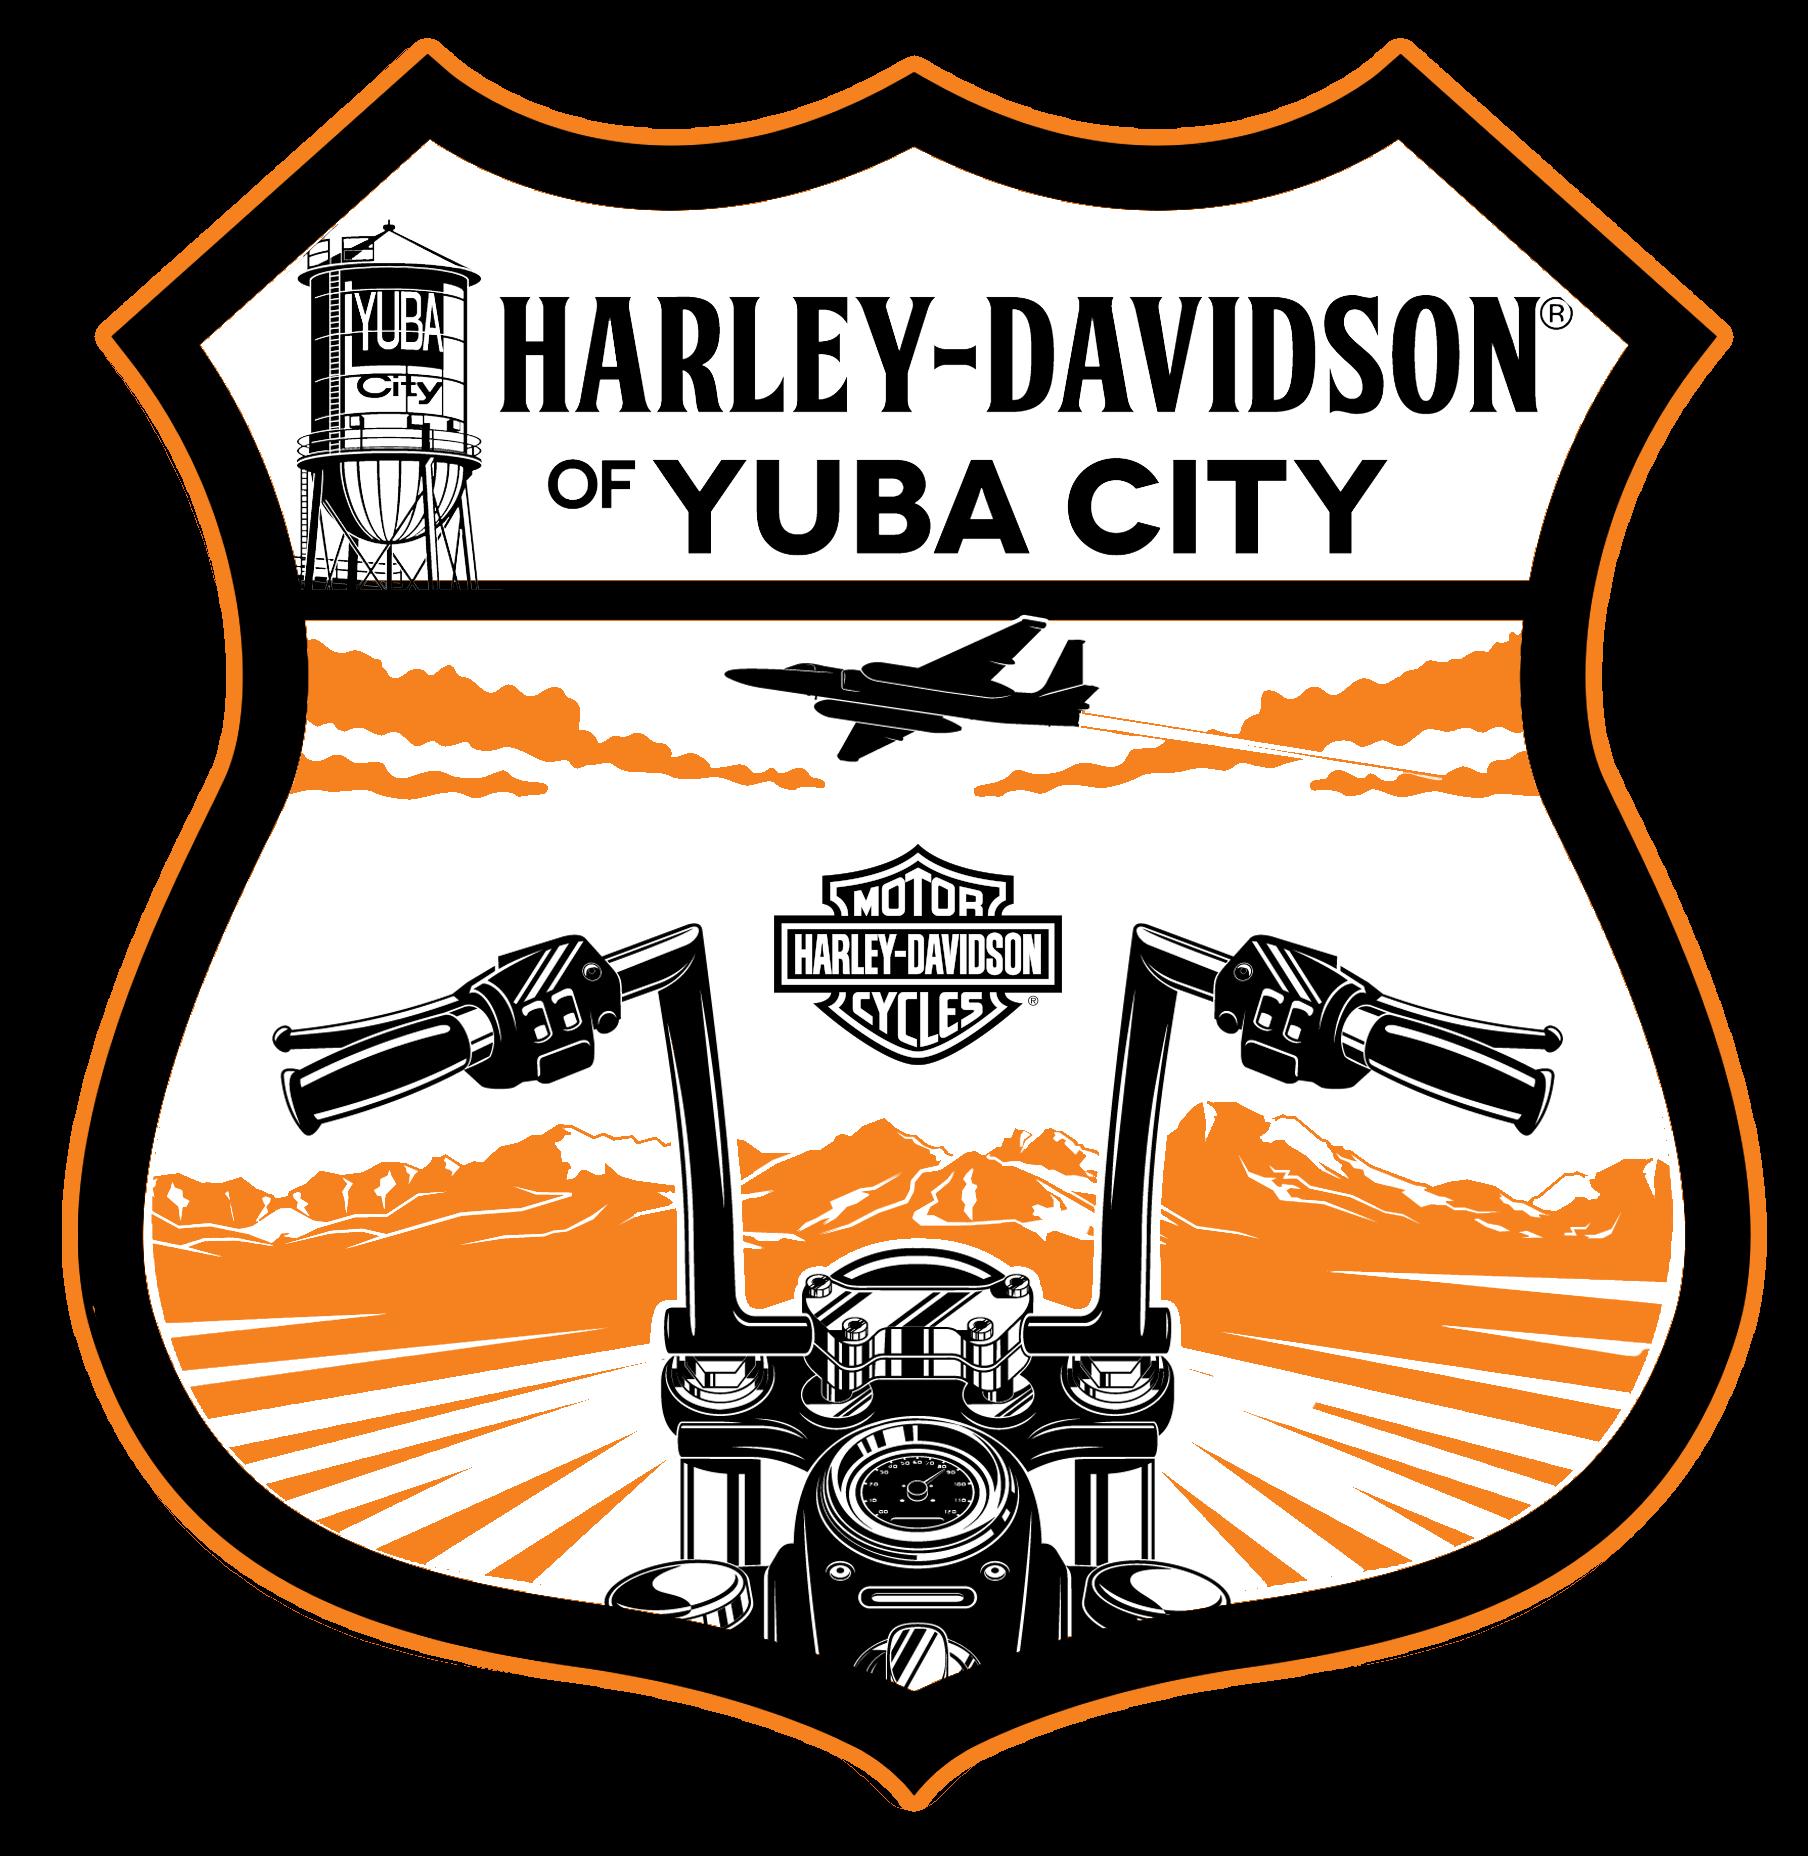 H-D OF YUBA CITY®